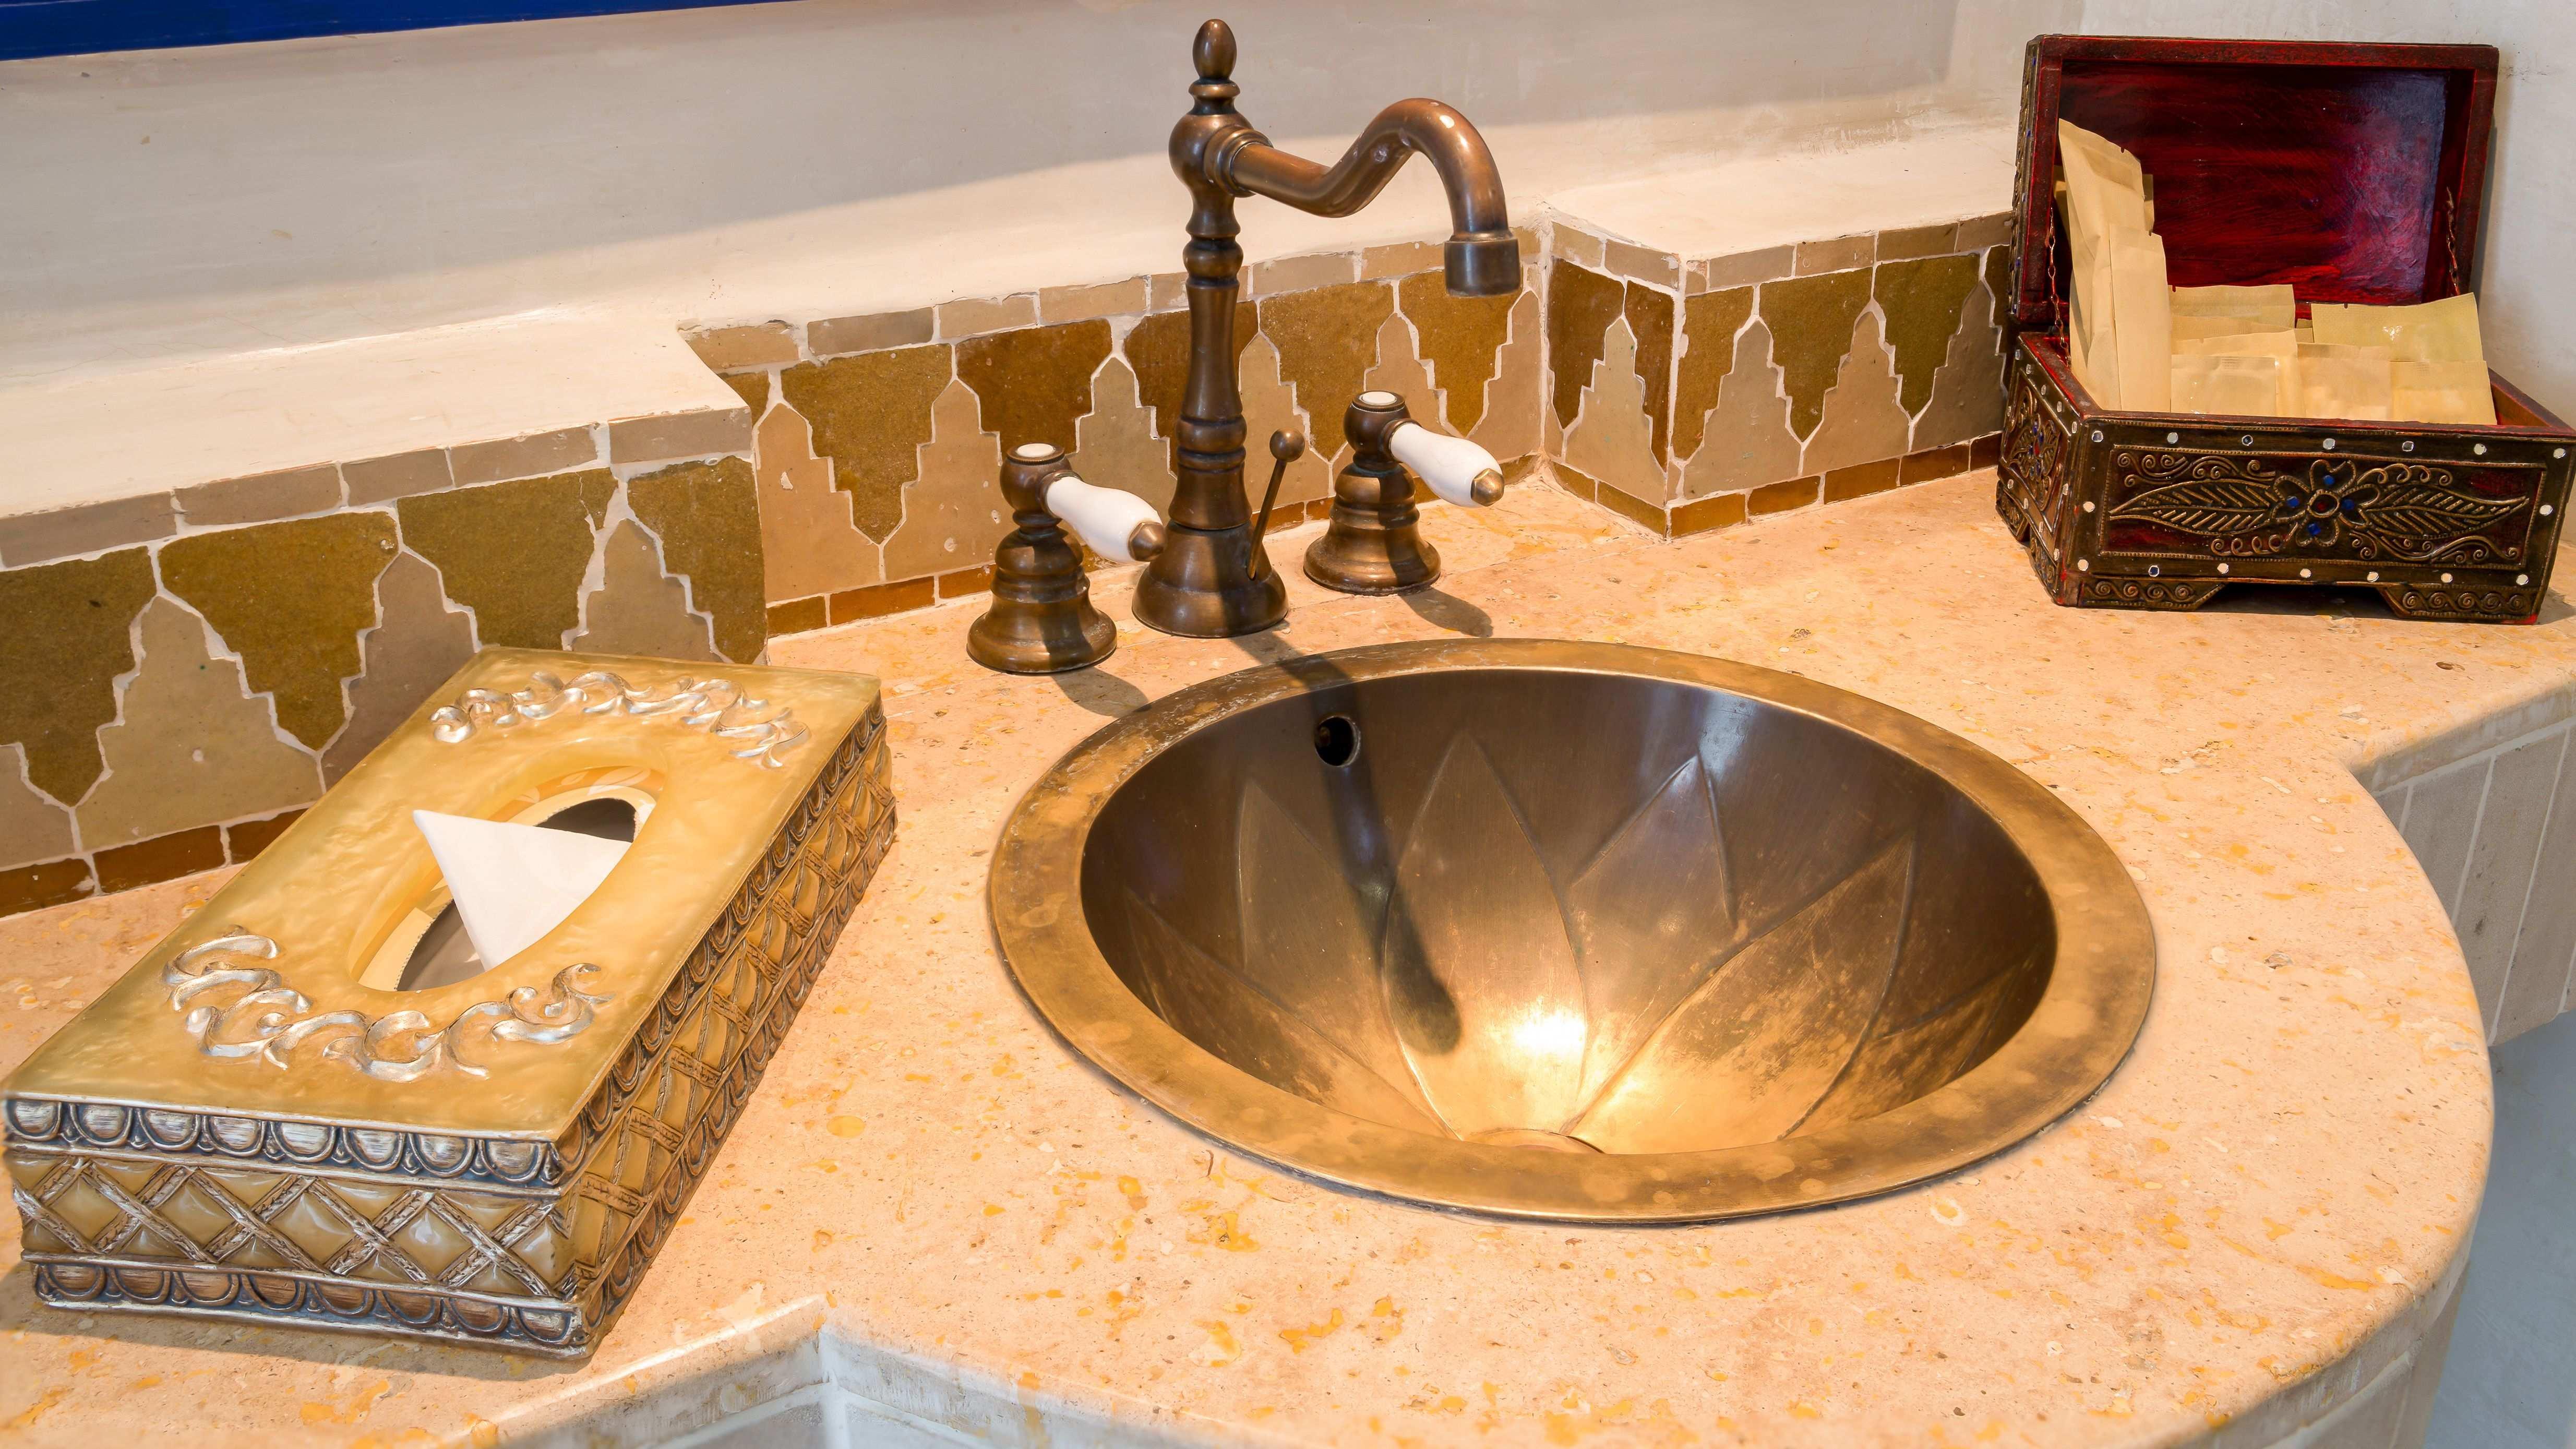 So gelingt ein marokkanisches Badezimmer